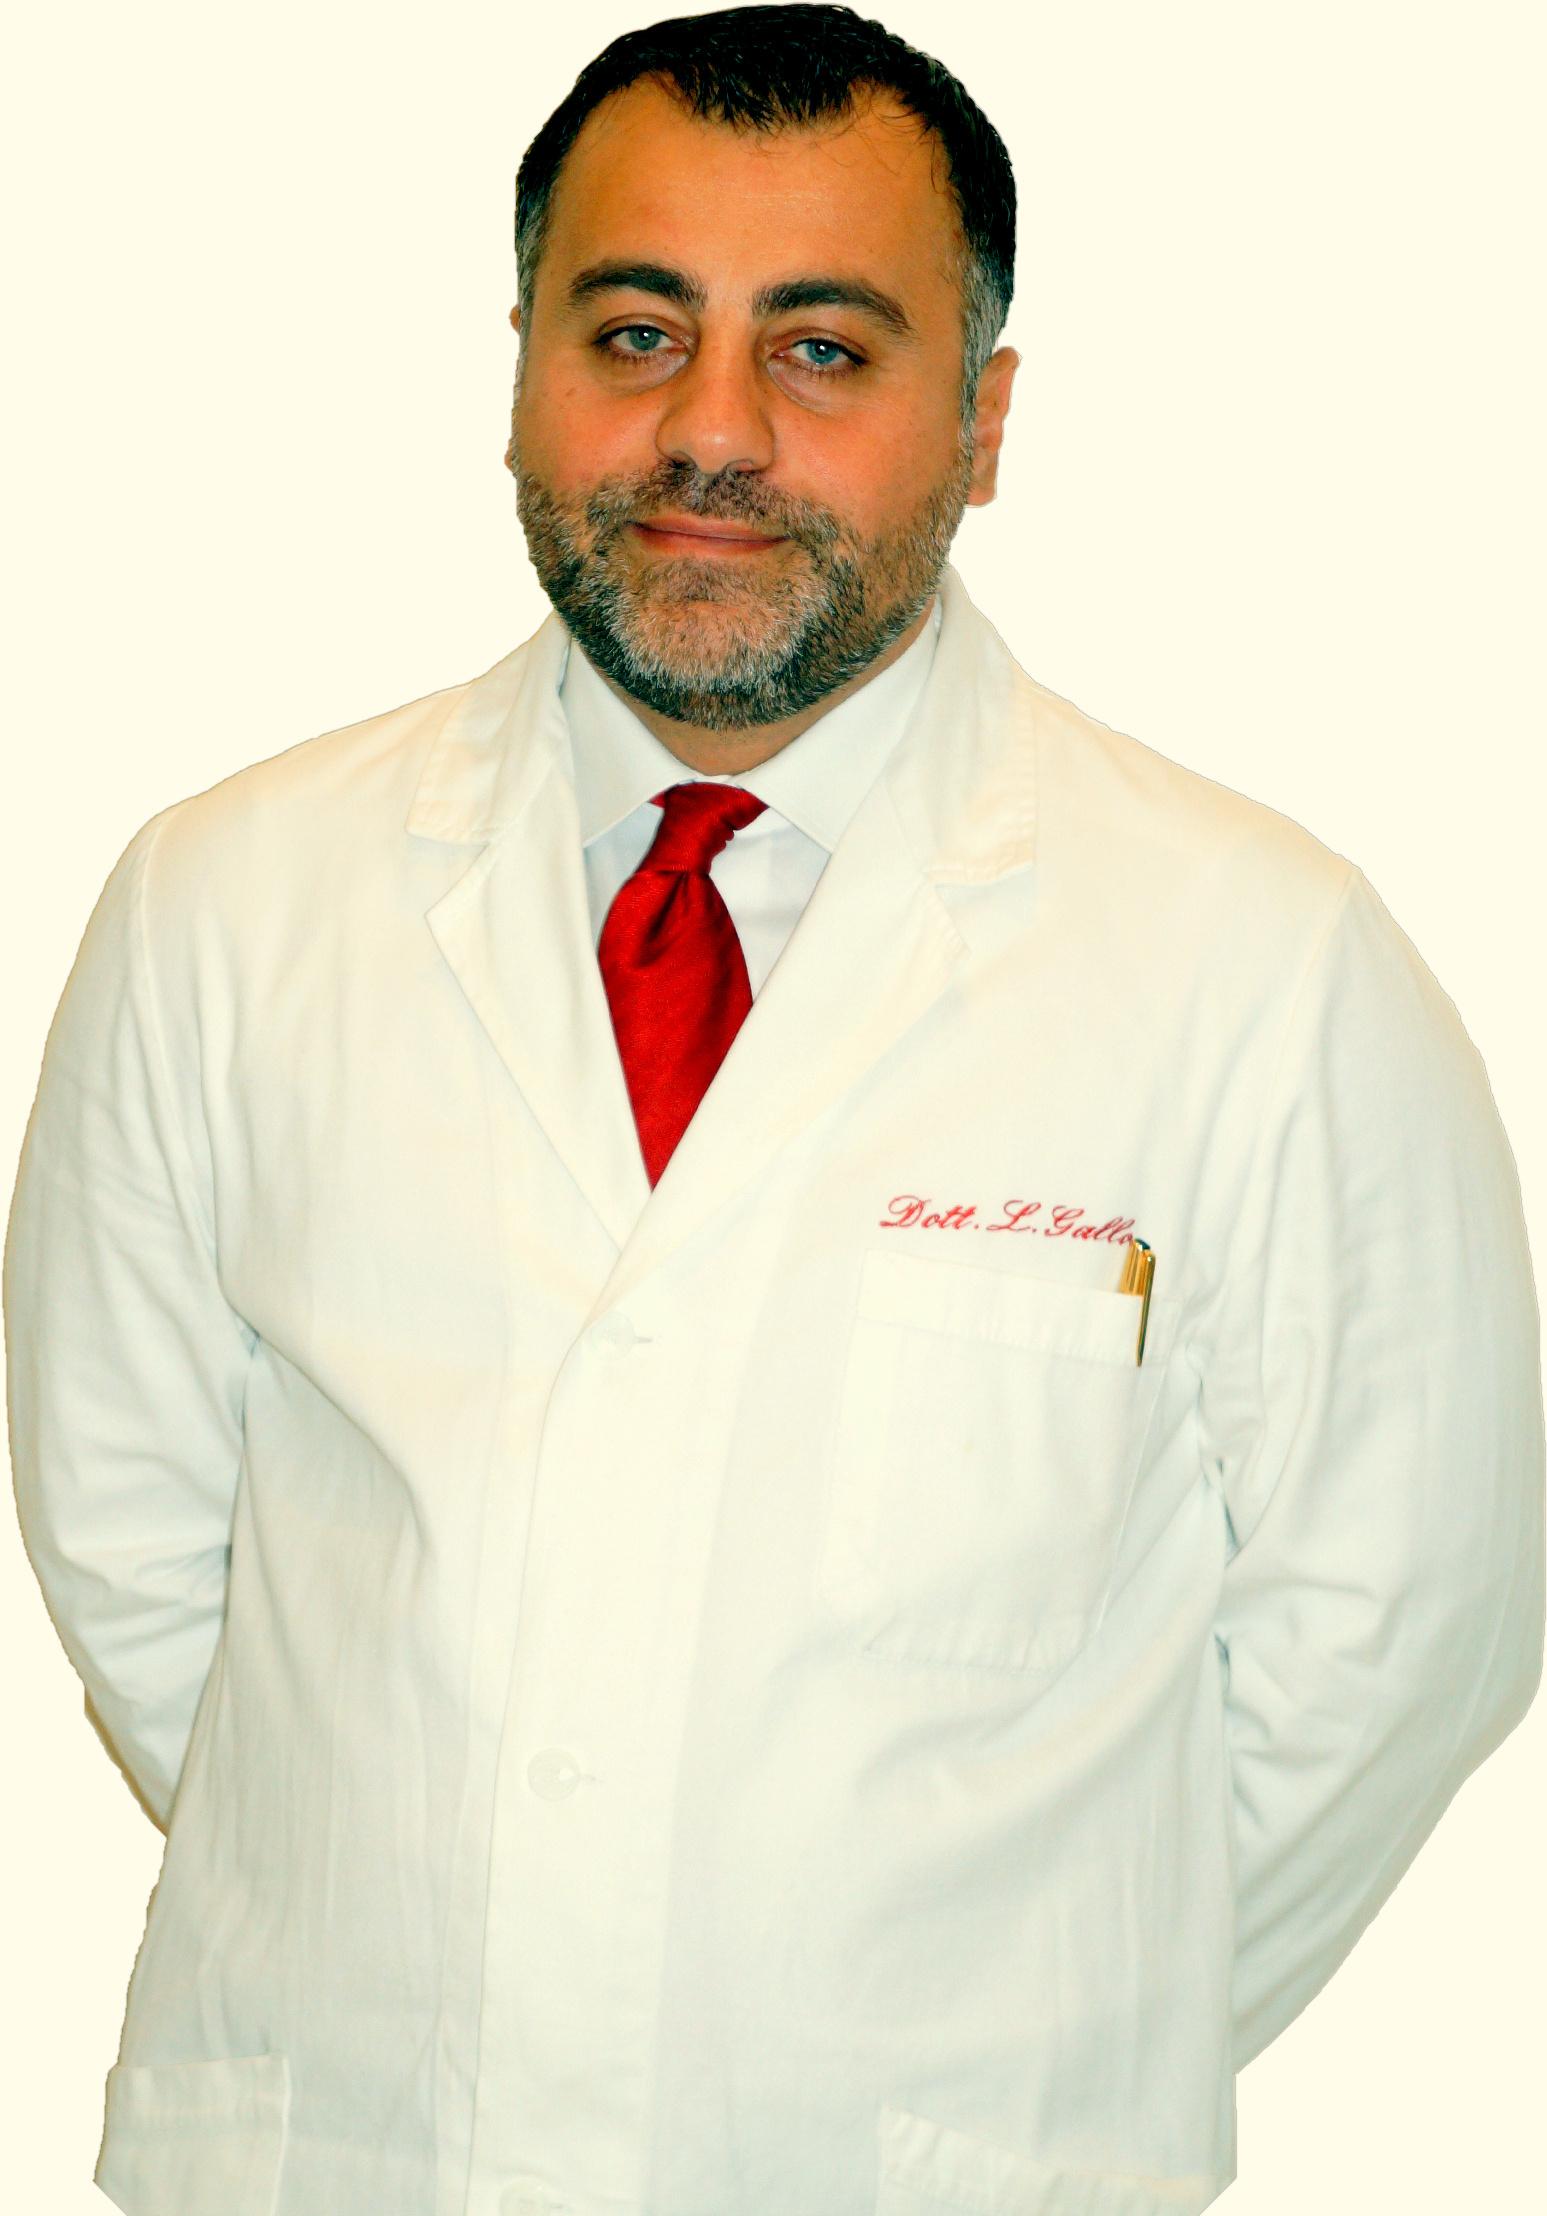 Urologo Nola